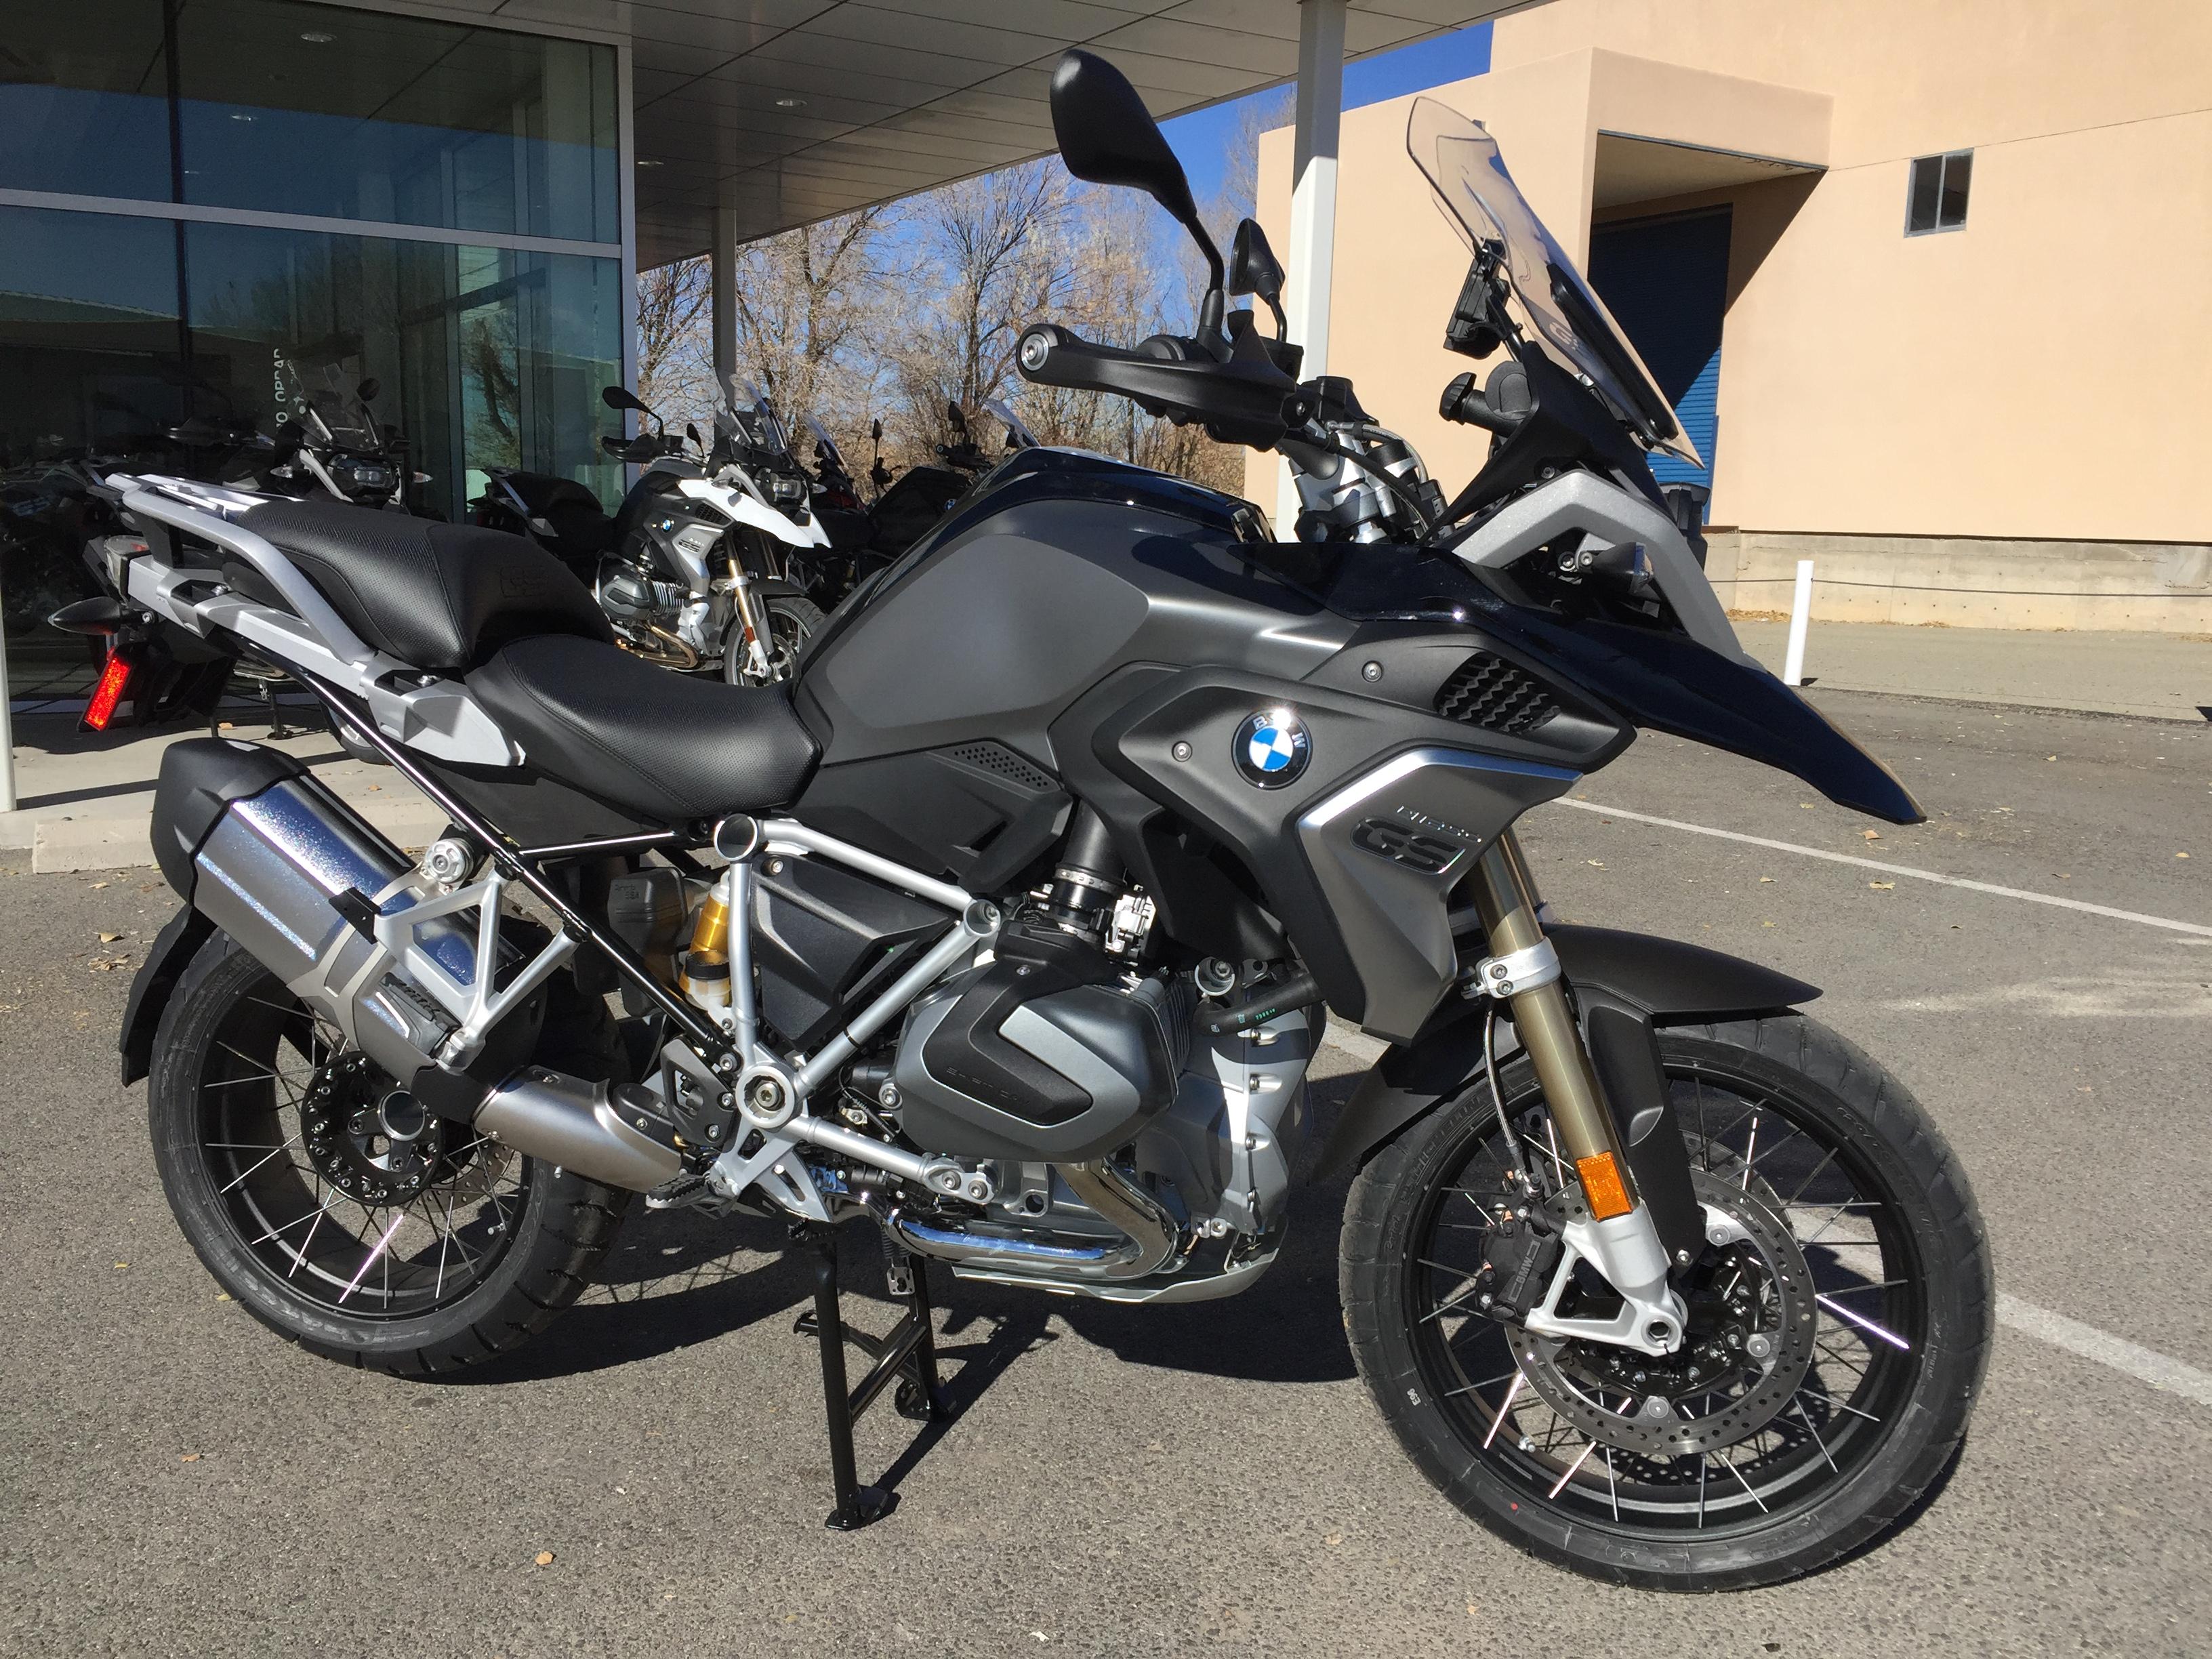 2019 BMW R 1250 GS